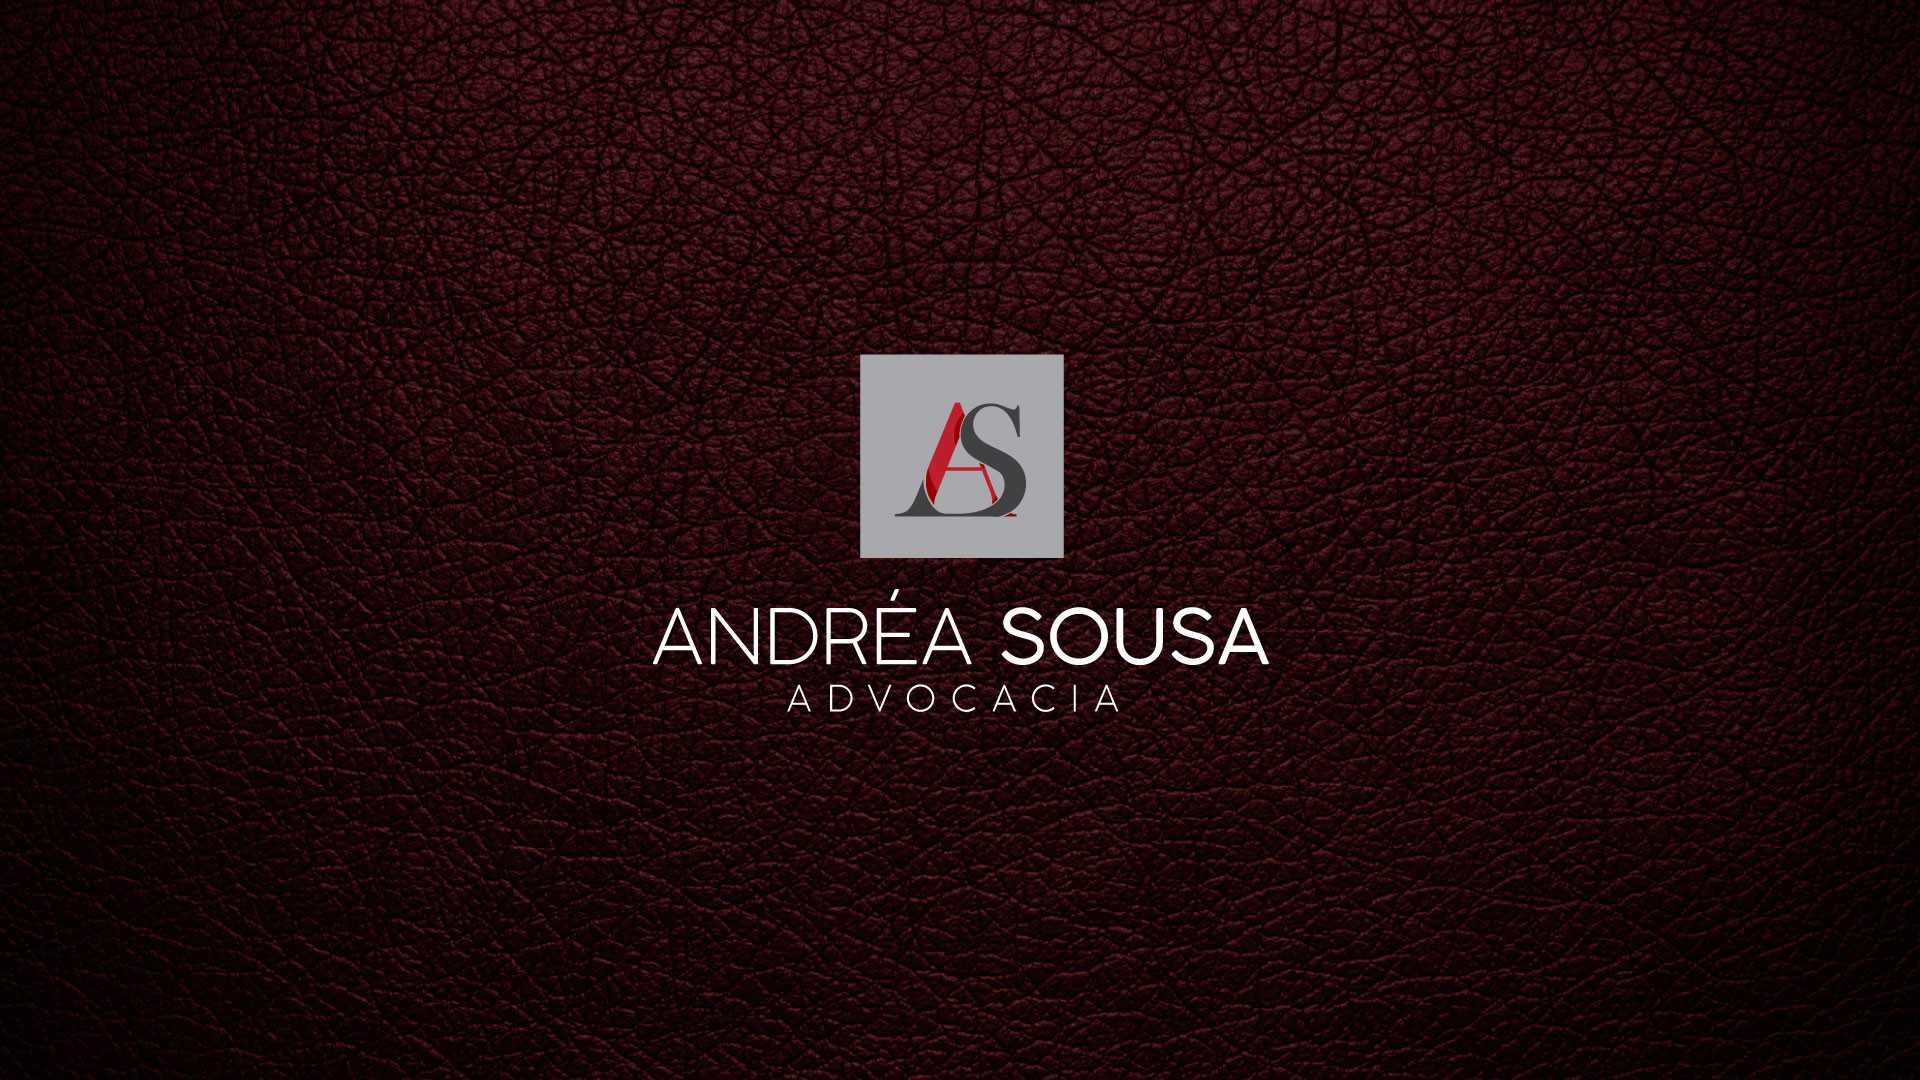 Andrea-Sousa-wall